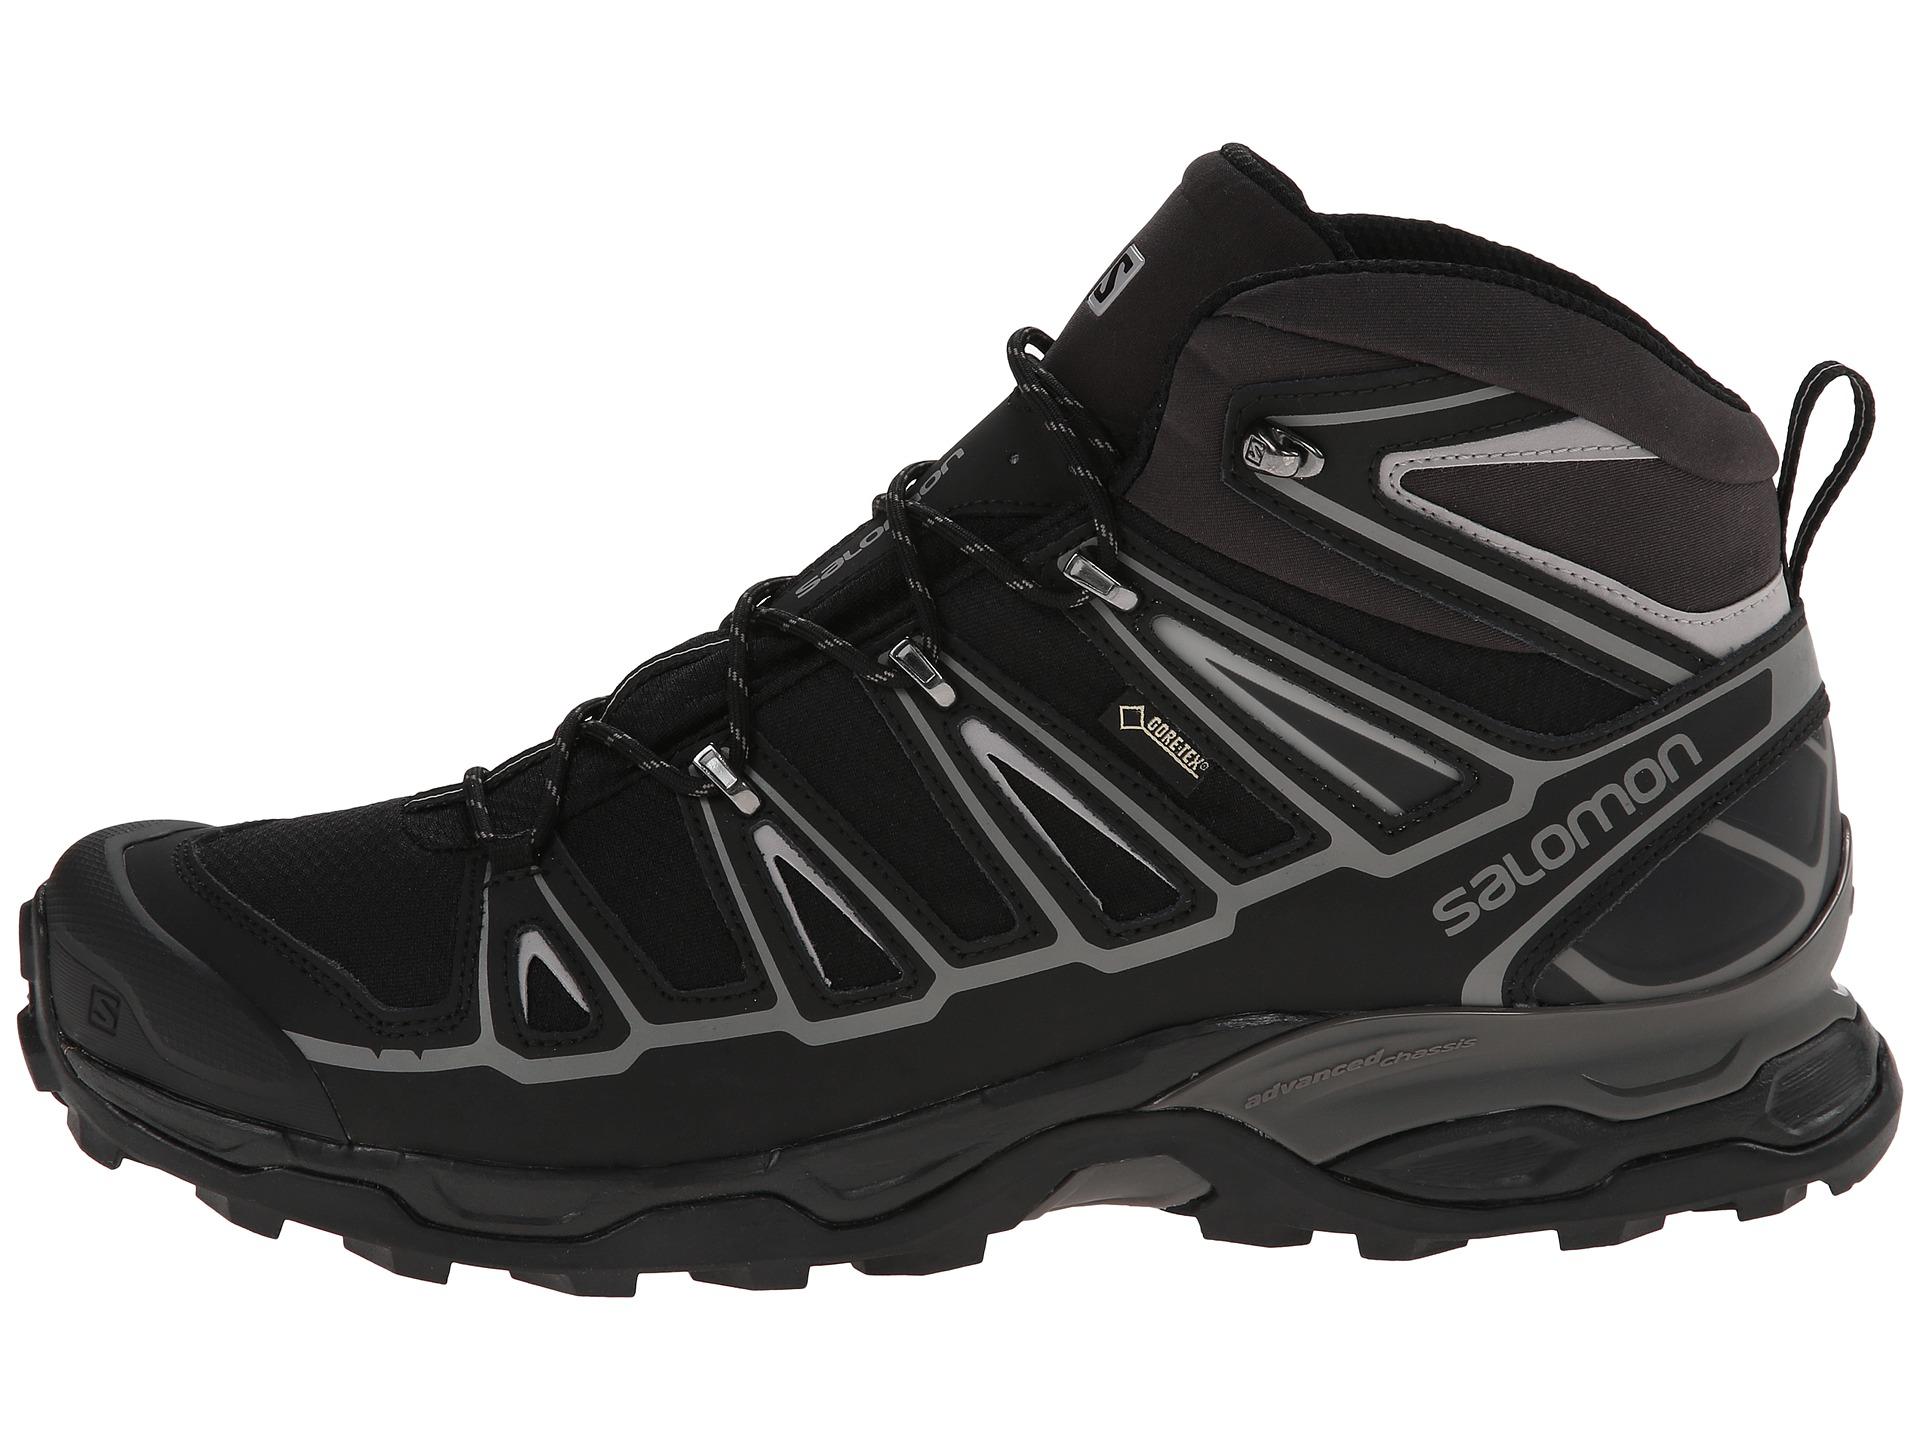 d0477cc0671 ᐅ Les Meilleures Chaussures De Randonnée Salomon | Comparatif En ...